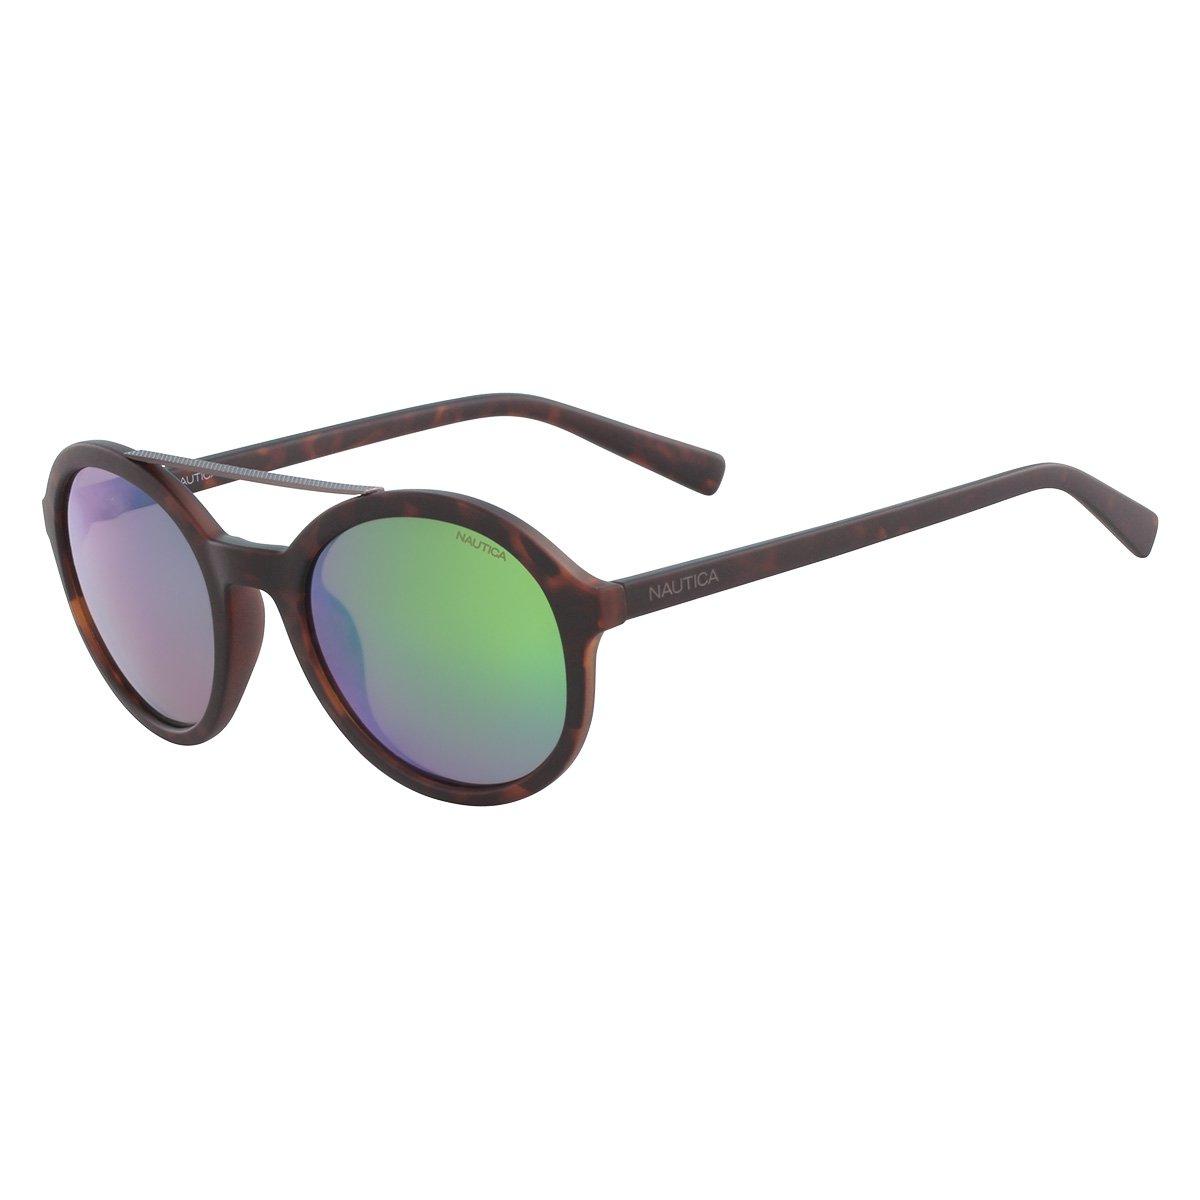 Óculos De Sol Nautica N3639Sp 237 Masculino